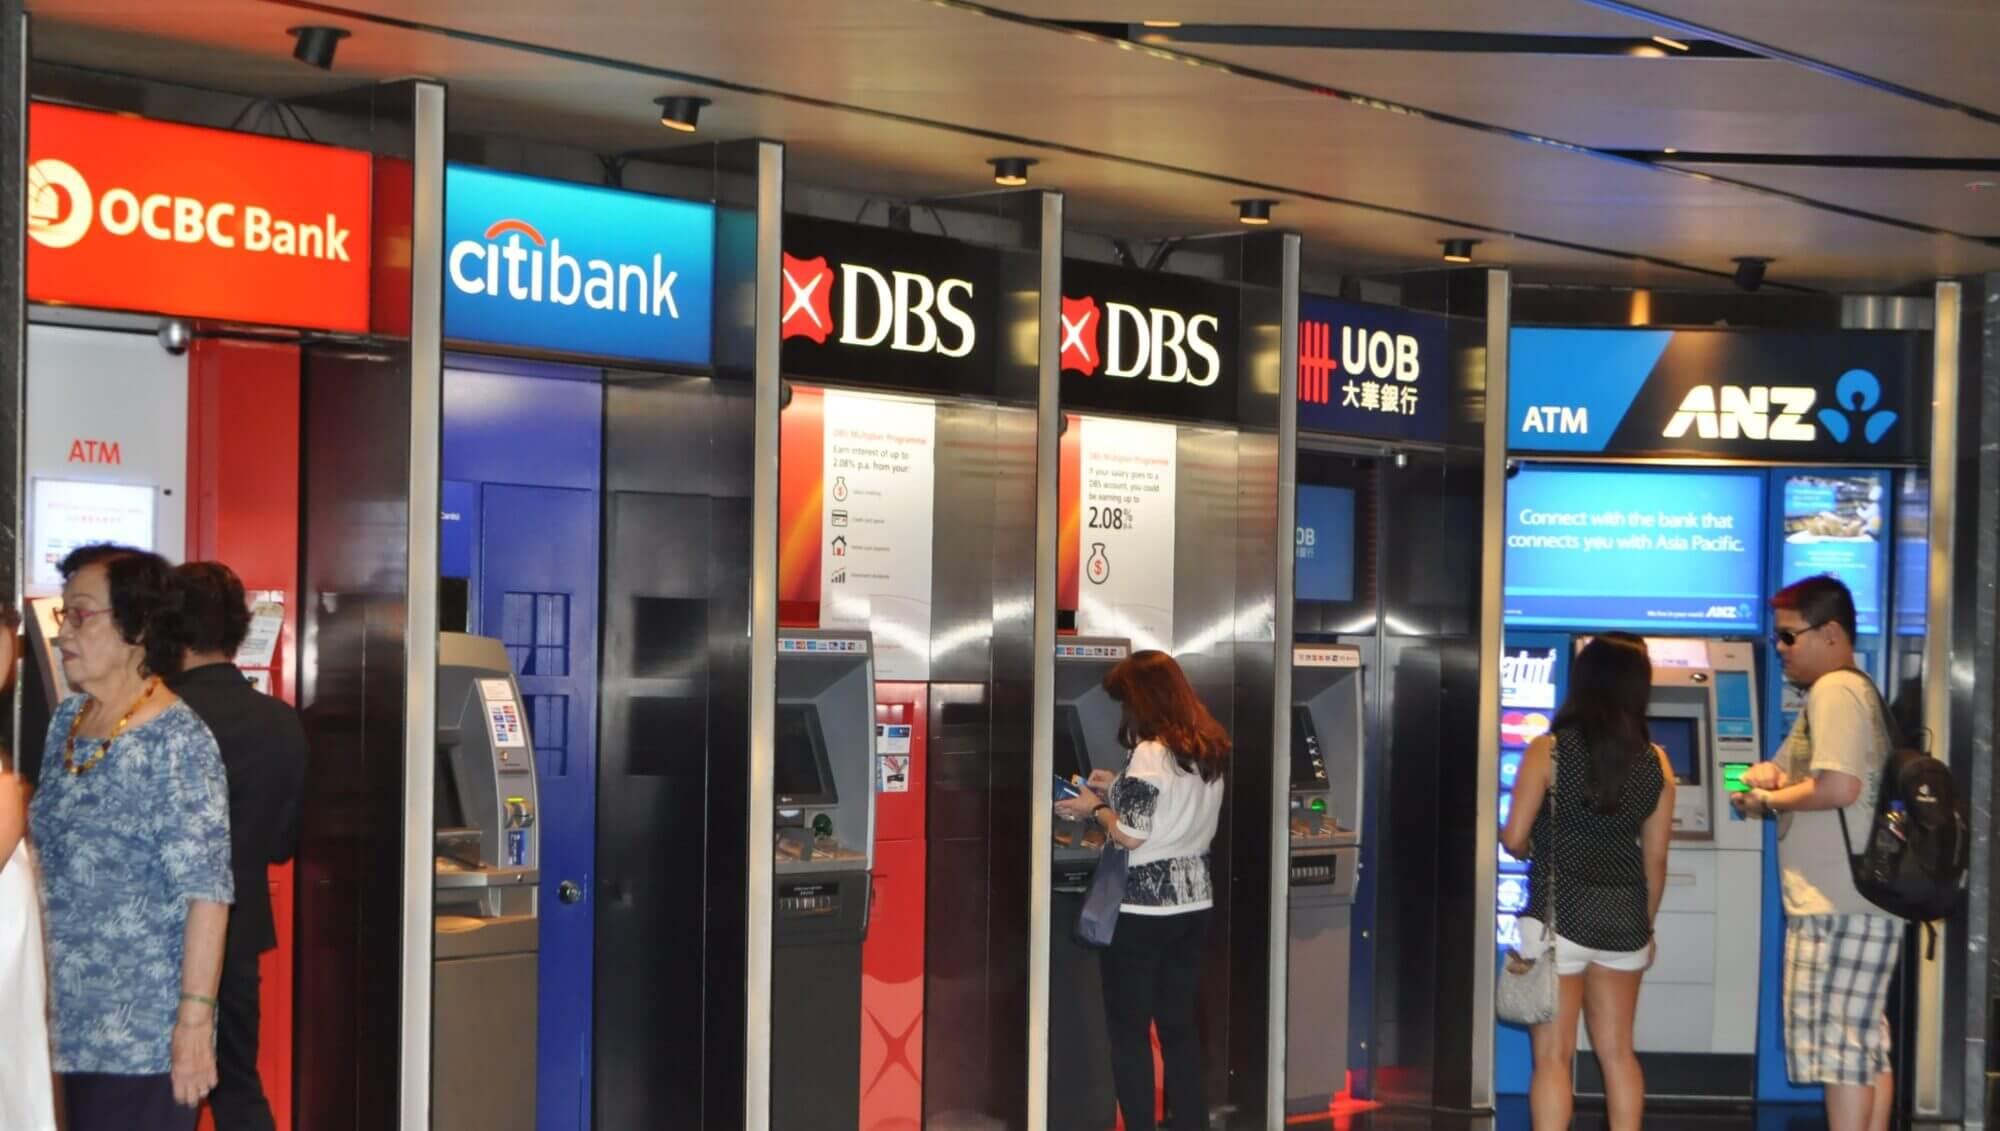 Singapore Dollar Banks